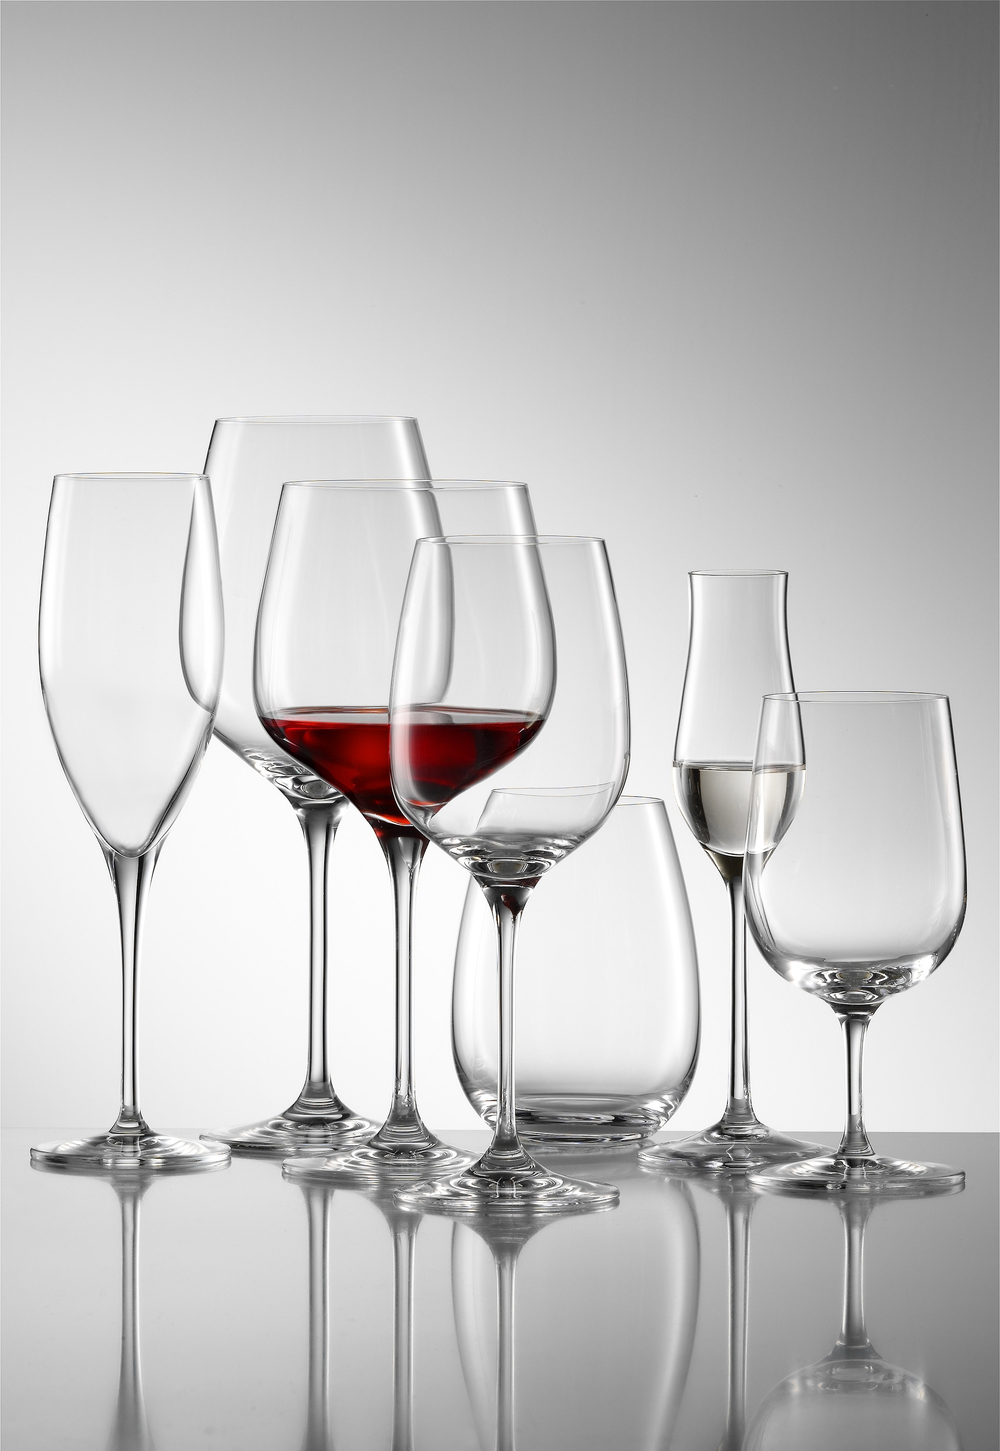 Reidel Wine Glasses